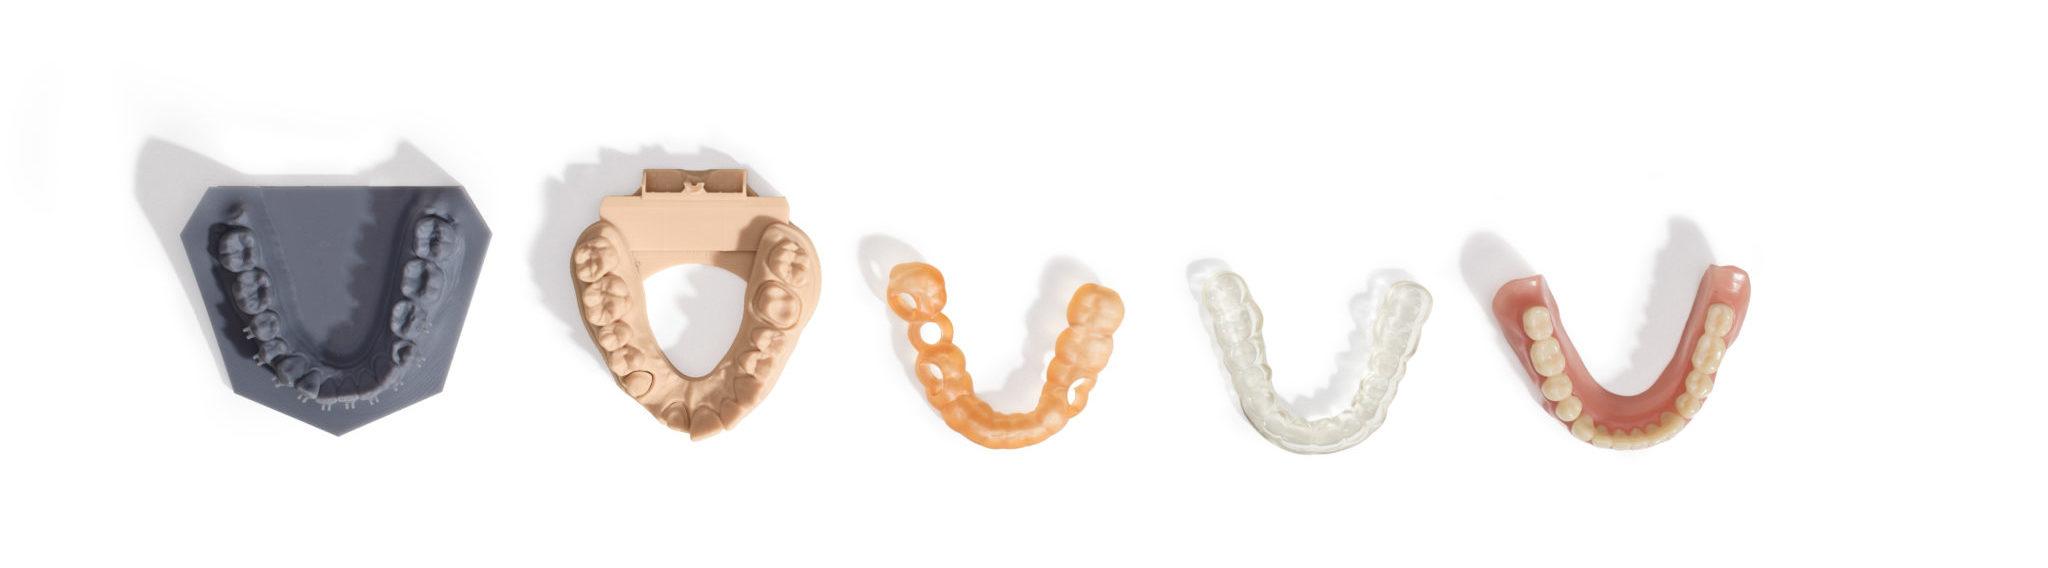 Dental-Materials